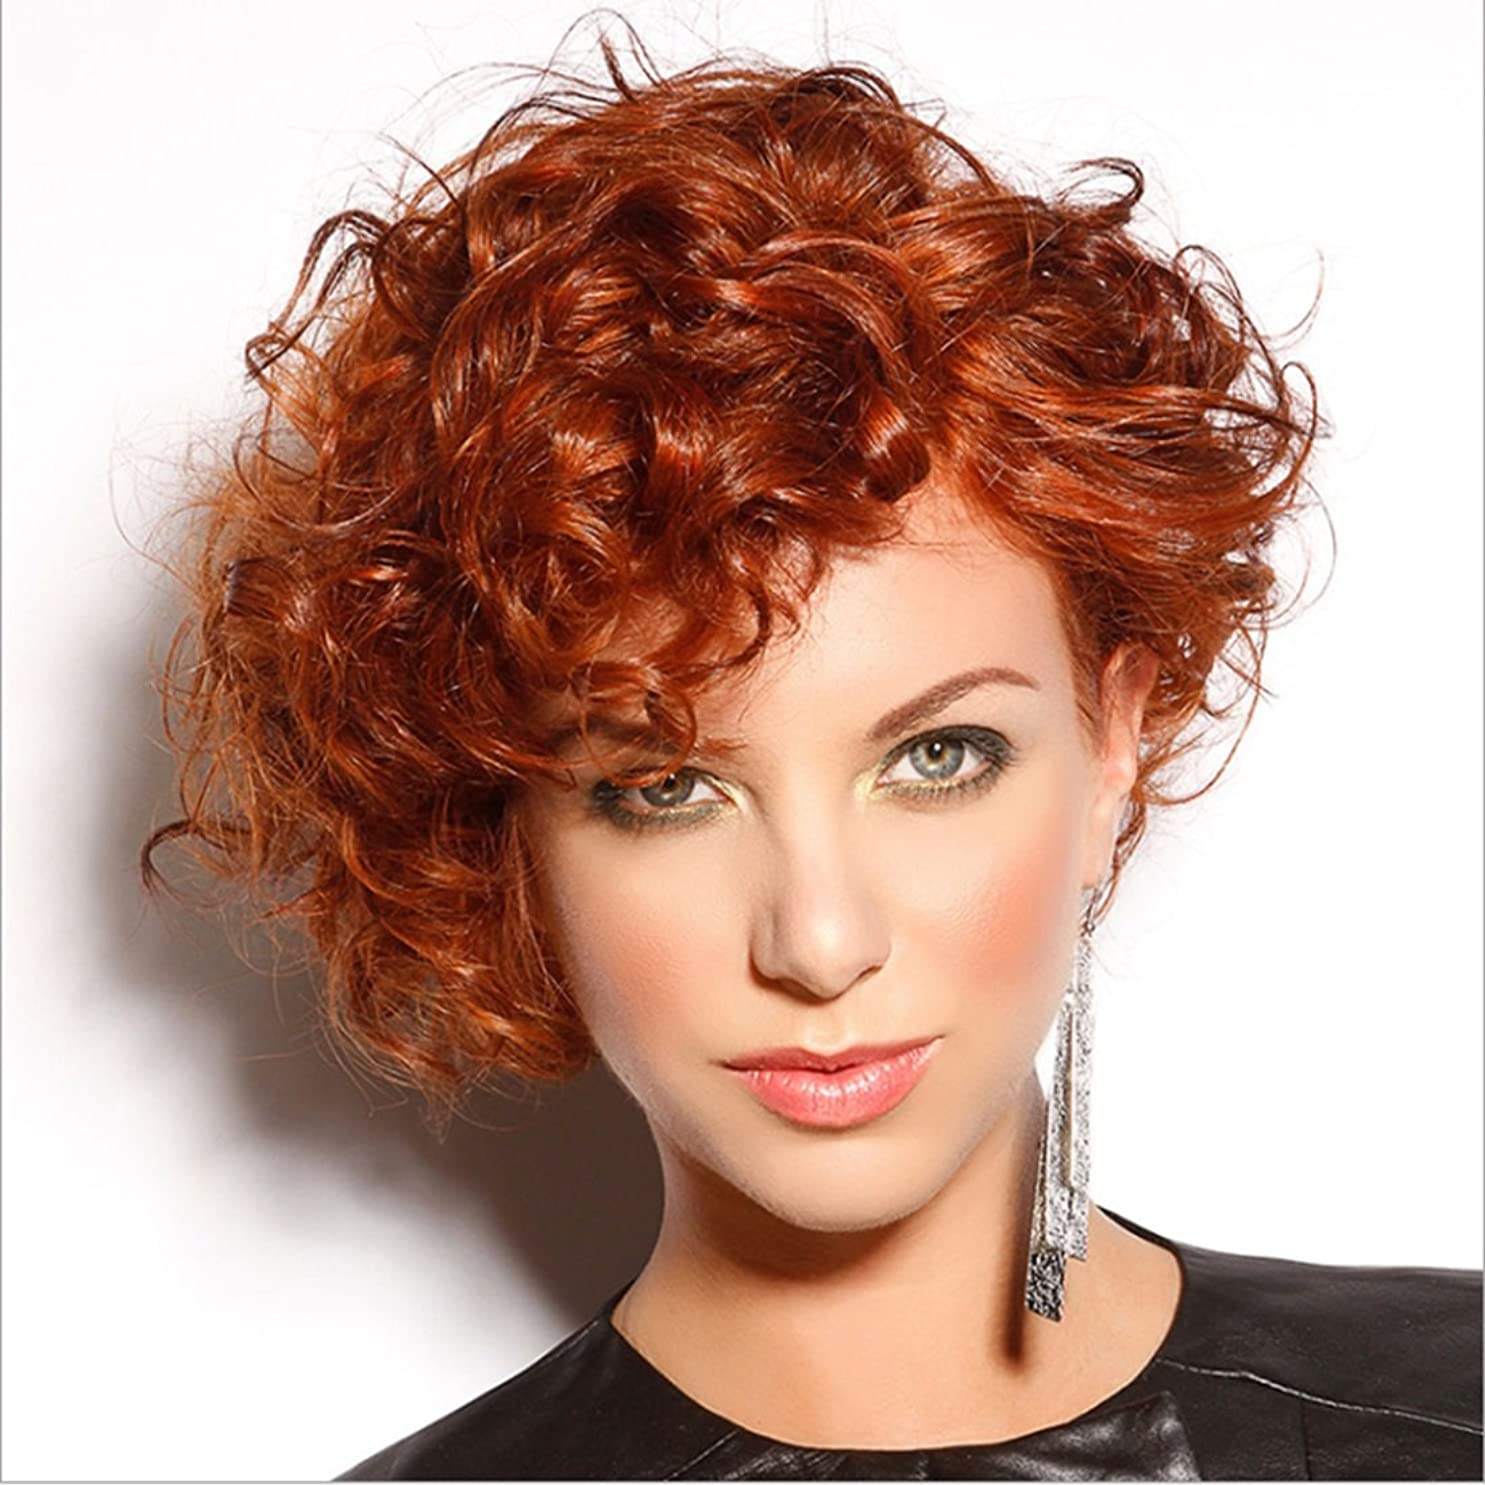 太字マーガレットミッチェル無駄なJIANFU 女性のための20cmのボボヘッドのウィッグ若者のパーソナリティの女性のための部分的な斜めバンズウィッグの短いカーリーヘアー (Color : Wine red)